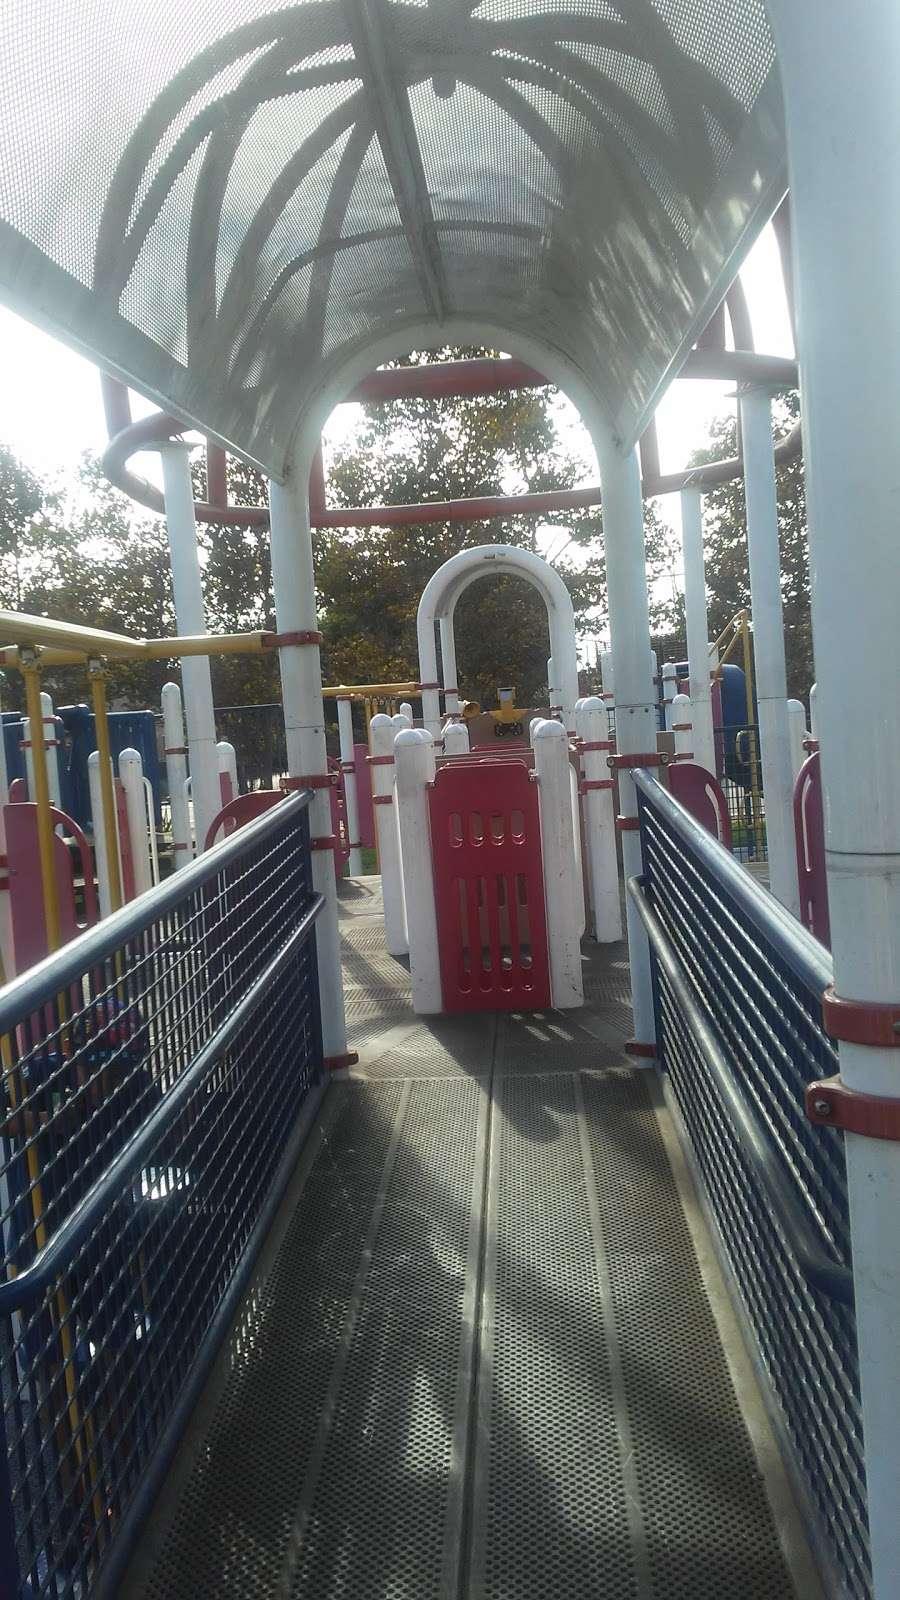 Parque De Los Sueños - park    Photo 8 of 10   Address: 1333 S Bonnie Beach Pl, Los Angeles, CA 90032, USA   Phone: (323) 260-2330